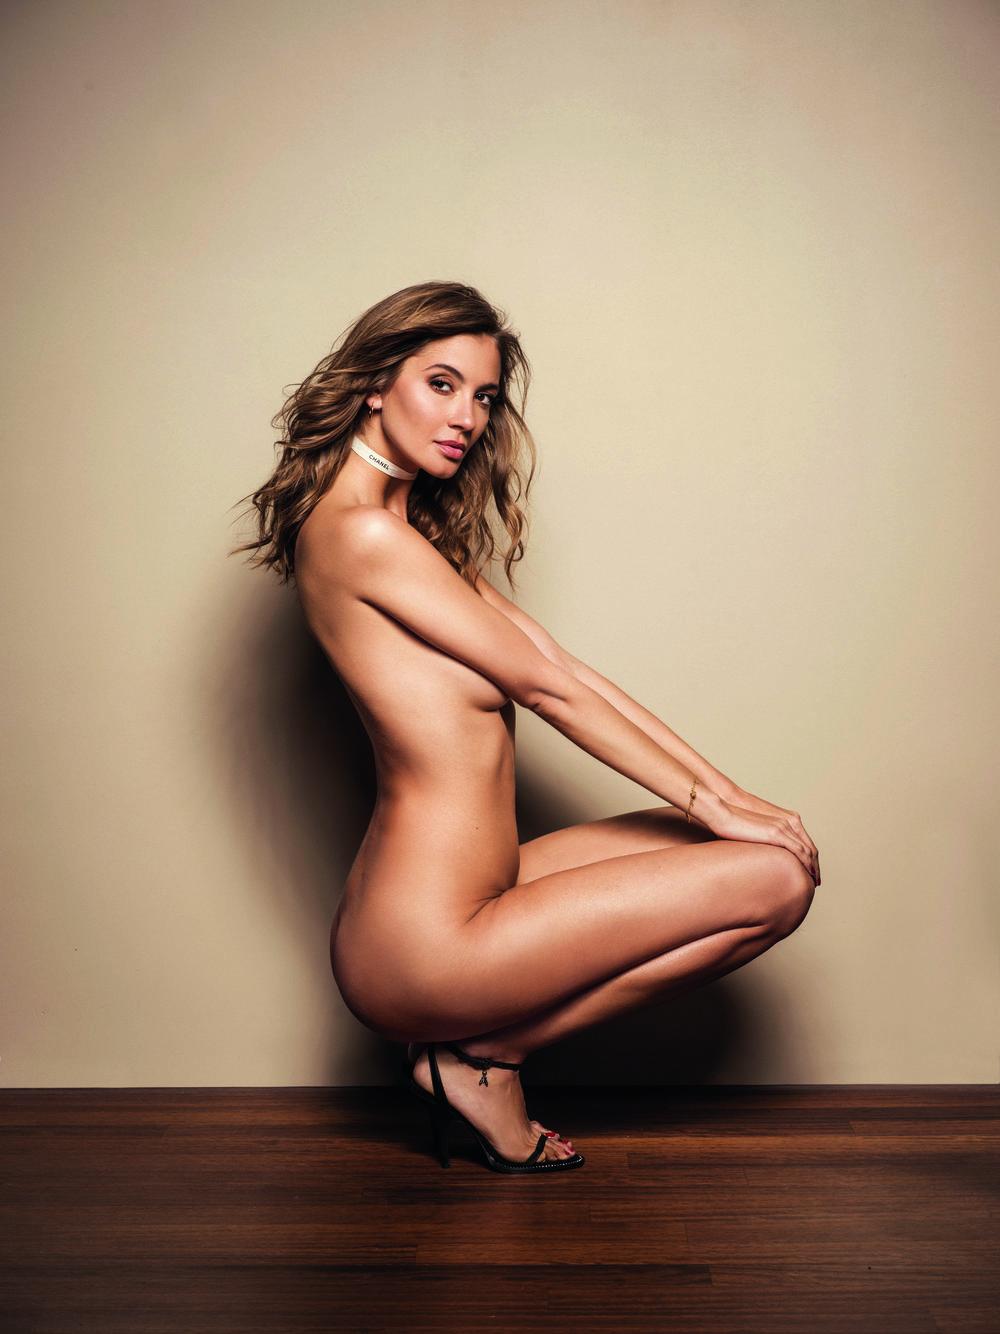 Ludwika Cichecka for Playboy